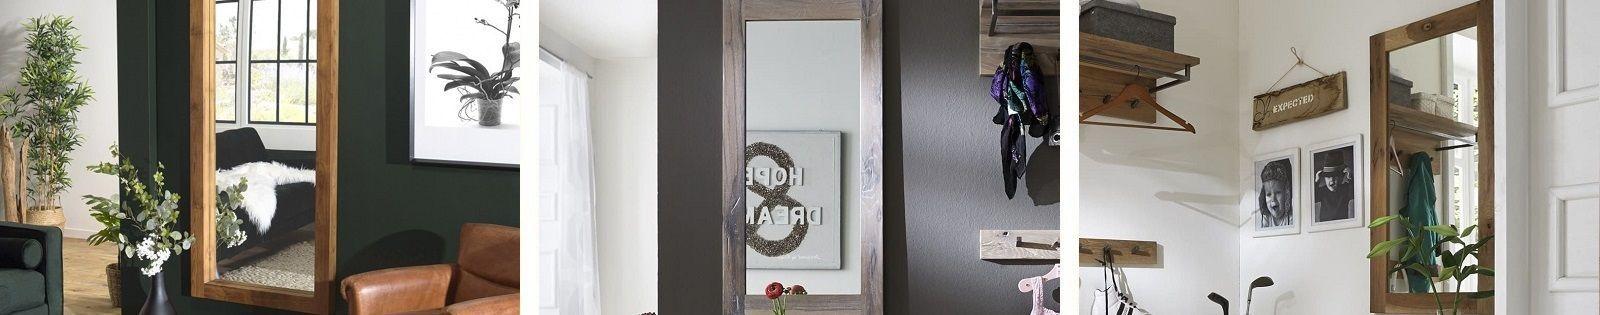 Miroir : meubles de très bonne qualité. Haut de gamme. Lotuséa